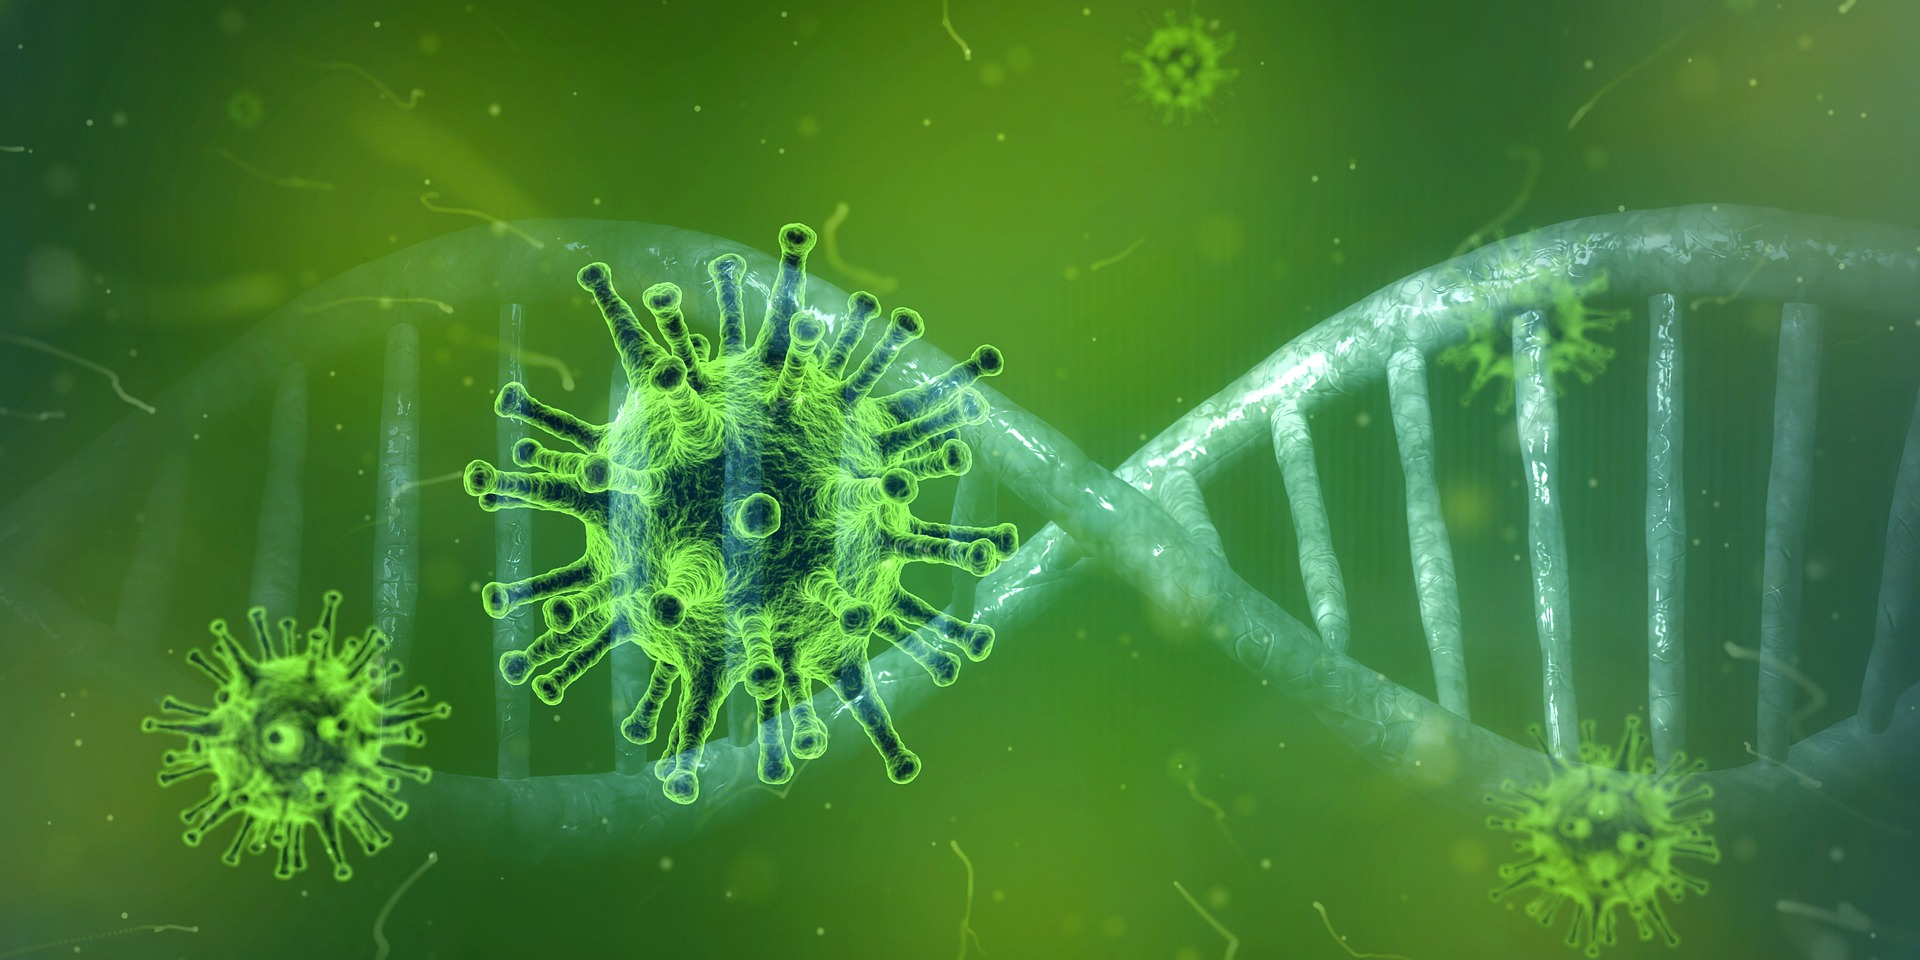 Coronavirus graphic image